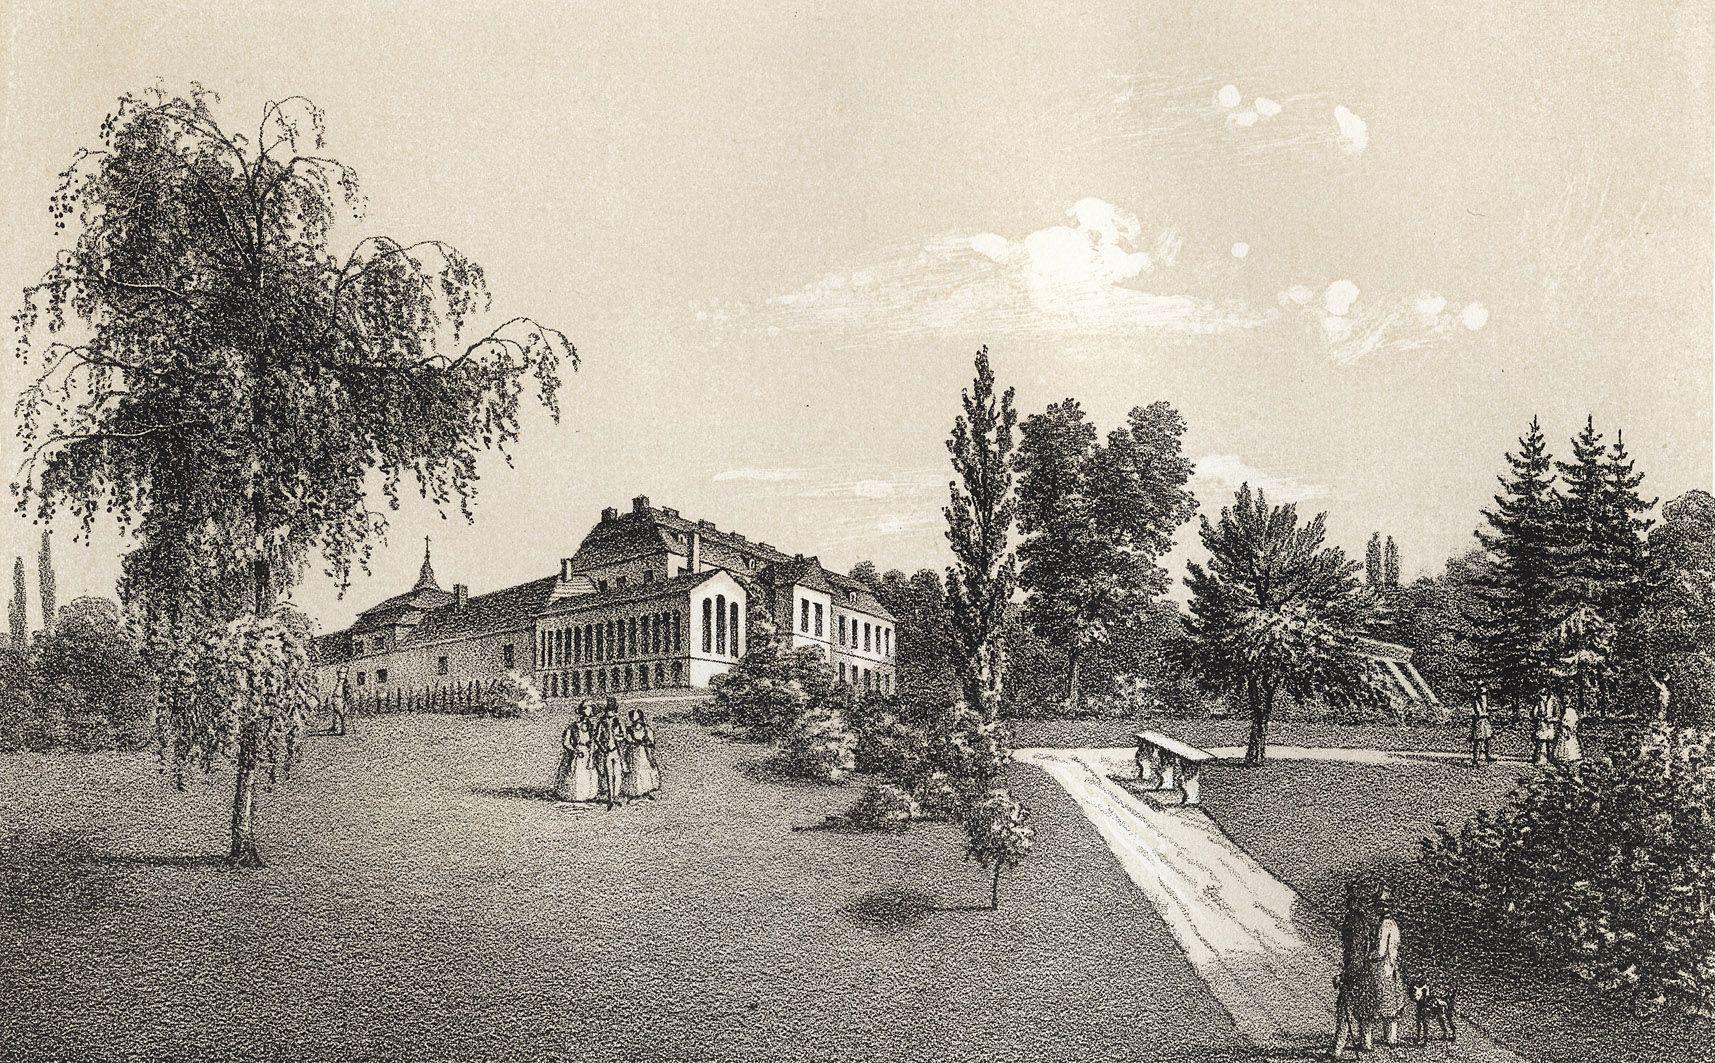 Мацей Боґуш Зиґмунт Стенчинський. Палац в Пеняках (Броди), 1848